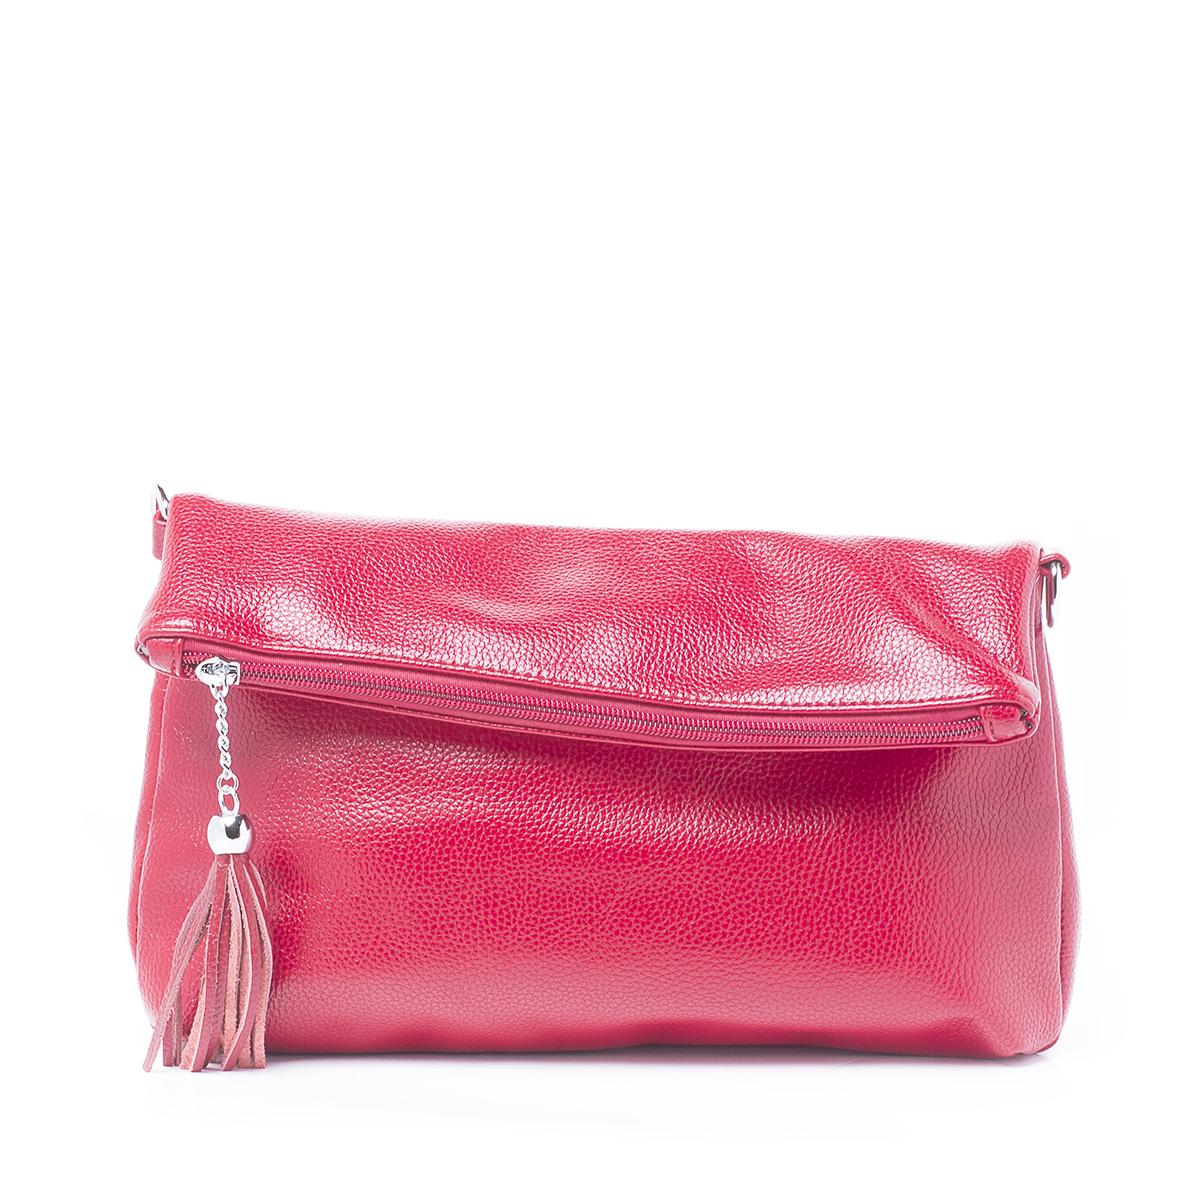 Сумка женская Renee Kler, цвет: красный. RK512-09RK512-09Стильная женская сумка Renee Kler изготовлена из искусственной кожи. Изделие имеет одно основное отделение, которое закрывается на застежку-молнию. Внутри расположены два накладных открытых кармана и прорезной карман на застежке-молнии. Снаружи, на задней стенке находится прорезной карман на застежке-молнии. Сумка оснащена съемным регулируемым плечевым ремнем. Роскошная сумка внесет элегантные нотки в ваш образ и подчеркнет ваше отменное чувство стиля.